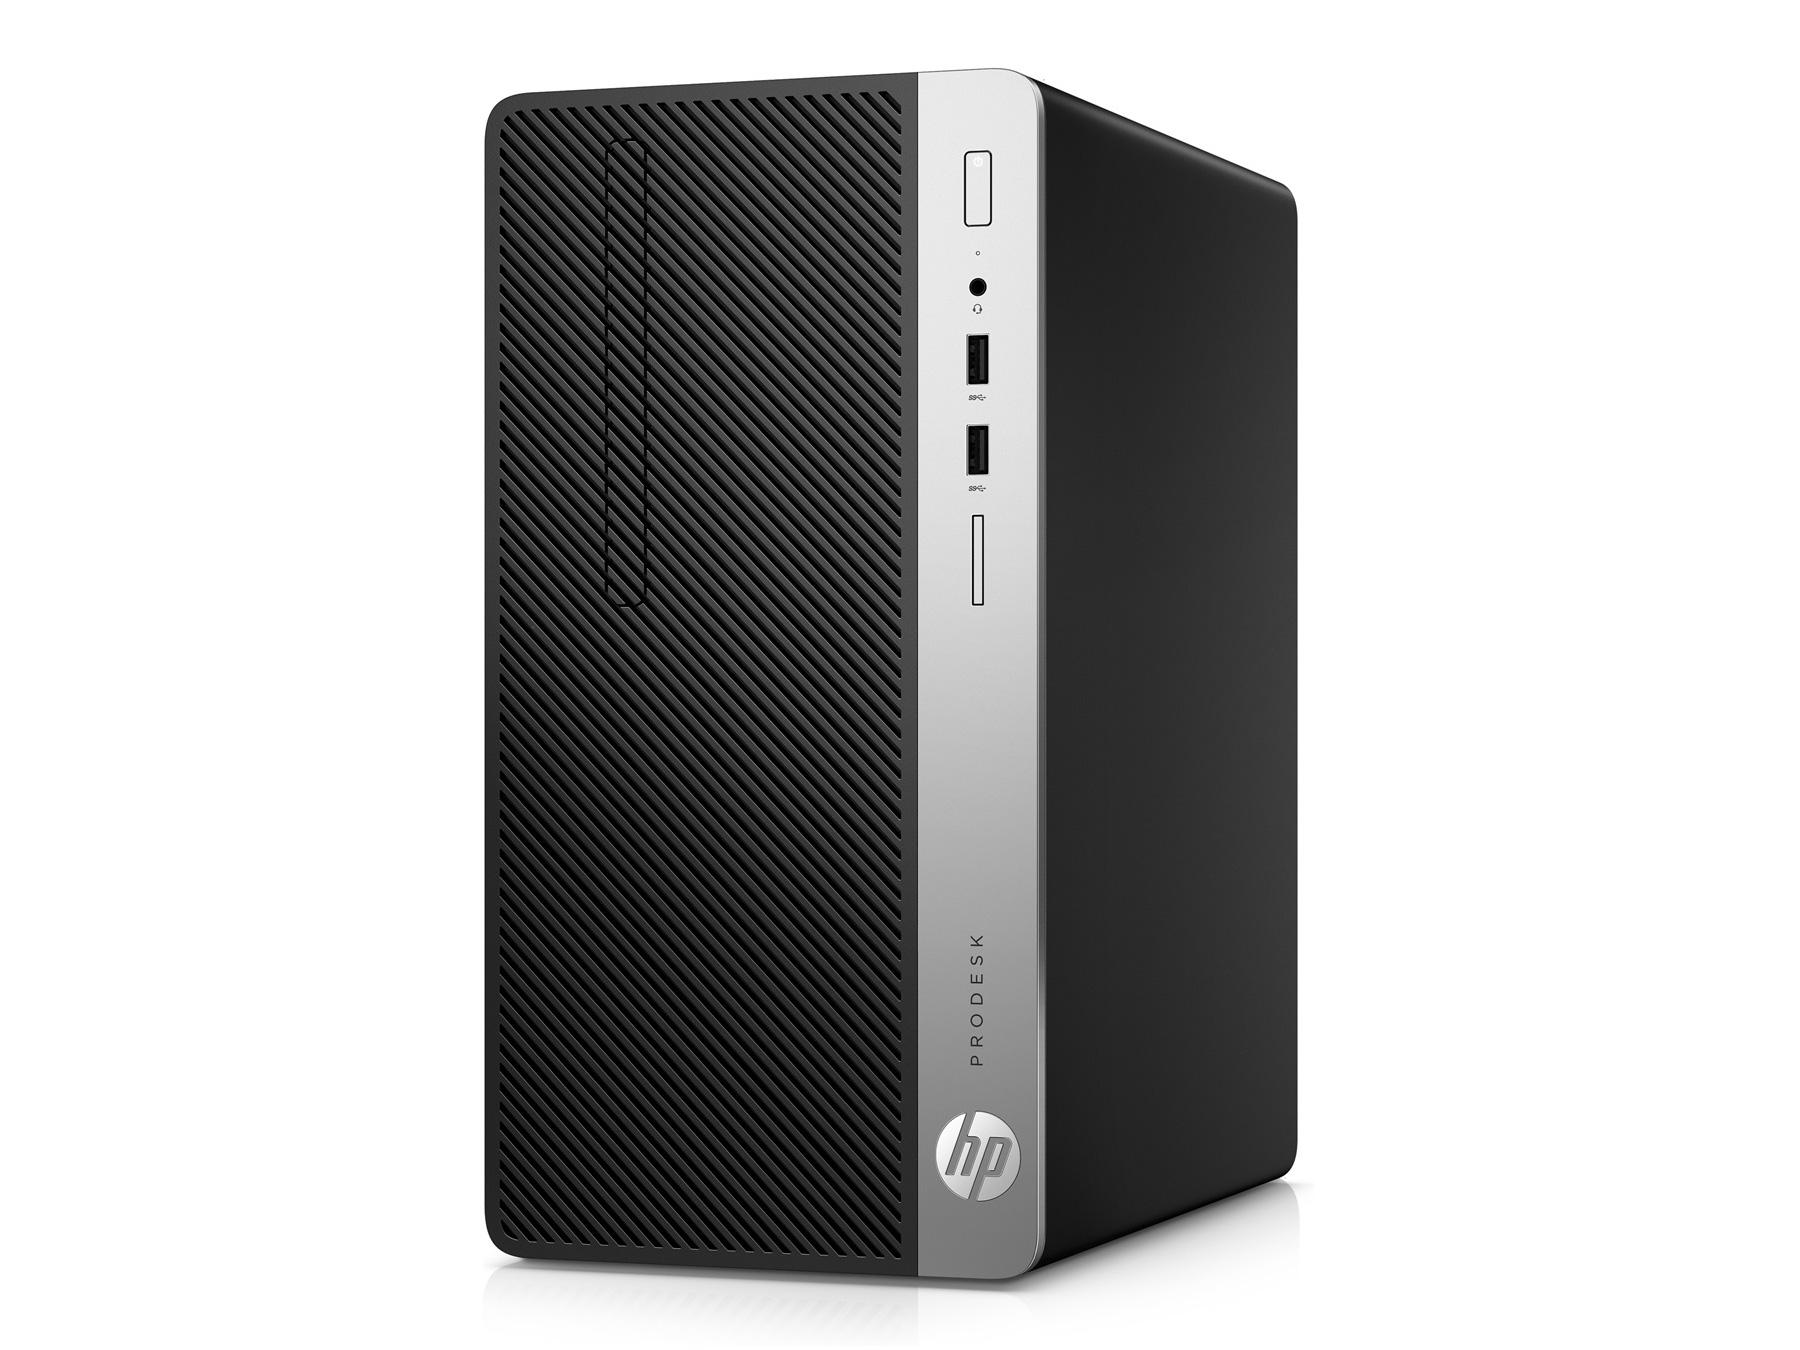 Máy bộ HP ProDesk 400 G4 MT - 1HT52PA - G4560(2*3.5)/4GD4/500G7/DVDRW/KB/M/ĐEN/DOS